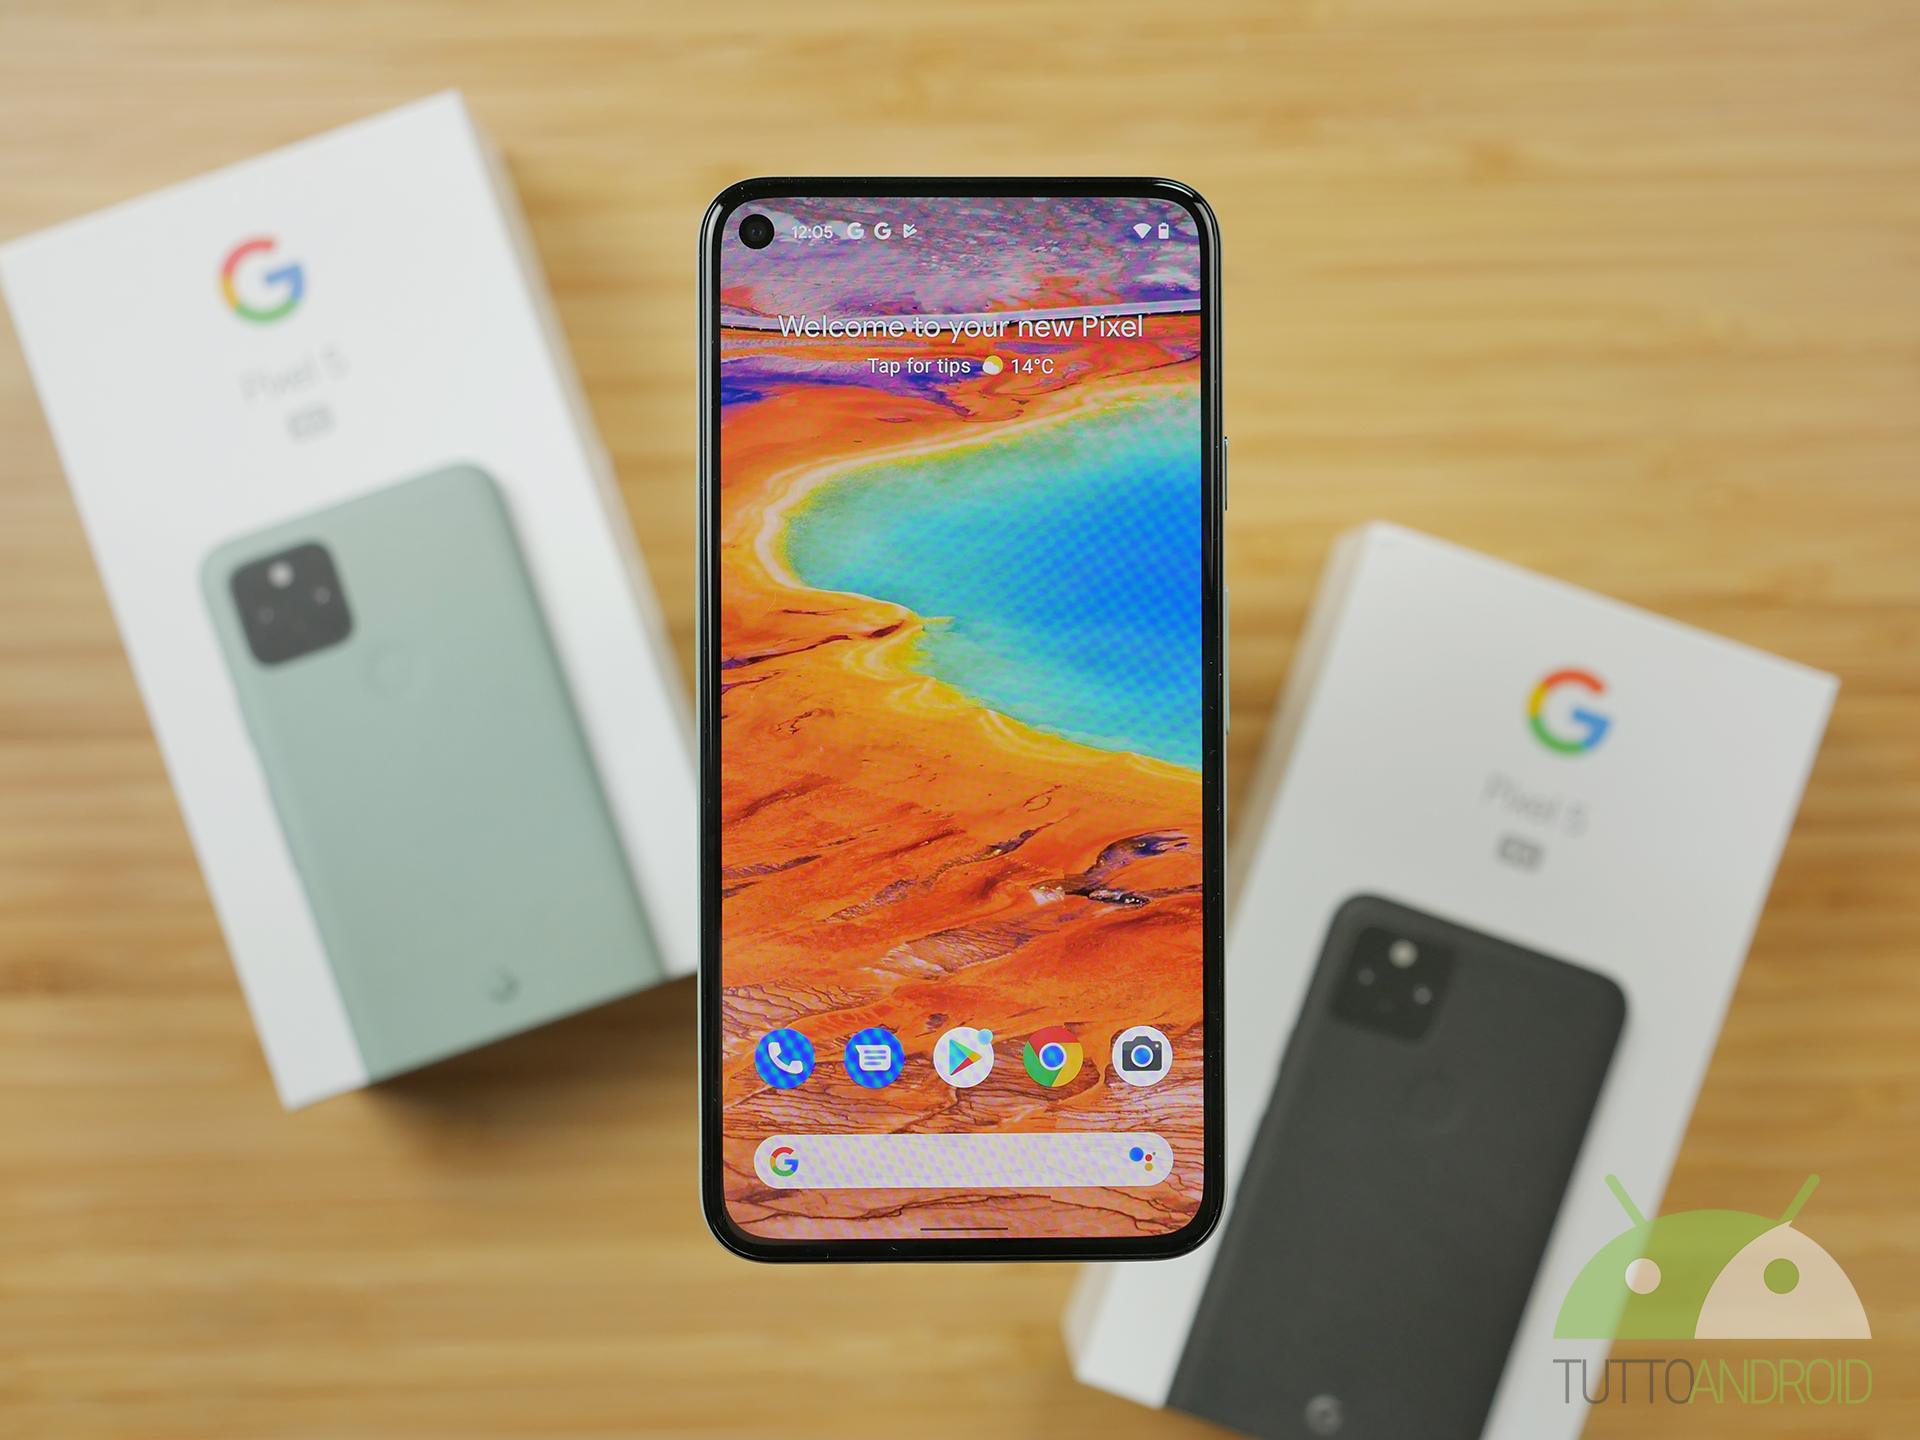 Zitta zitta, Google dà altre funzioni esclusive a Pixel 5: nuove opzioni per il feedback aptico